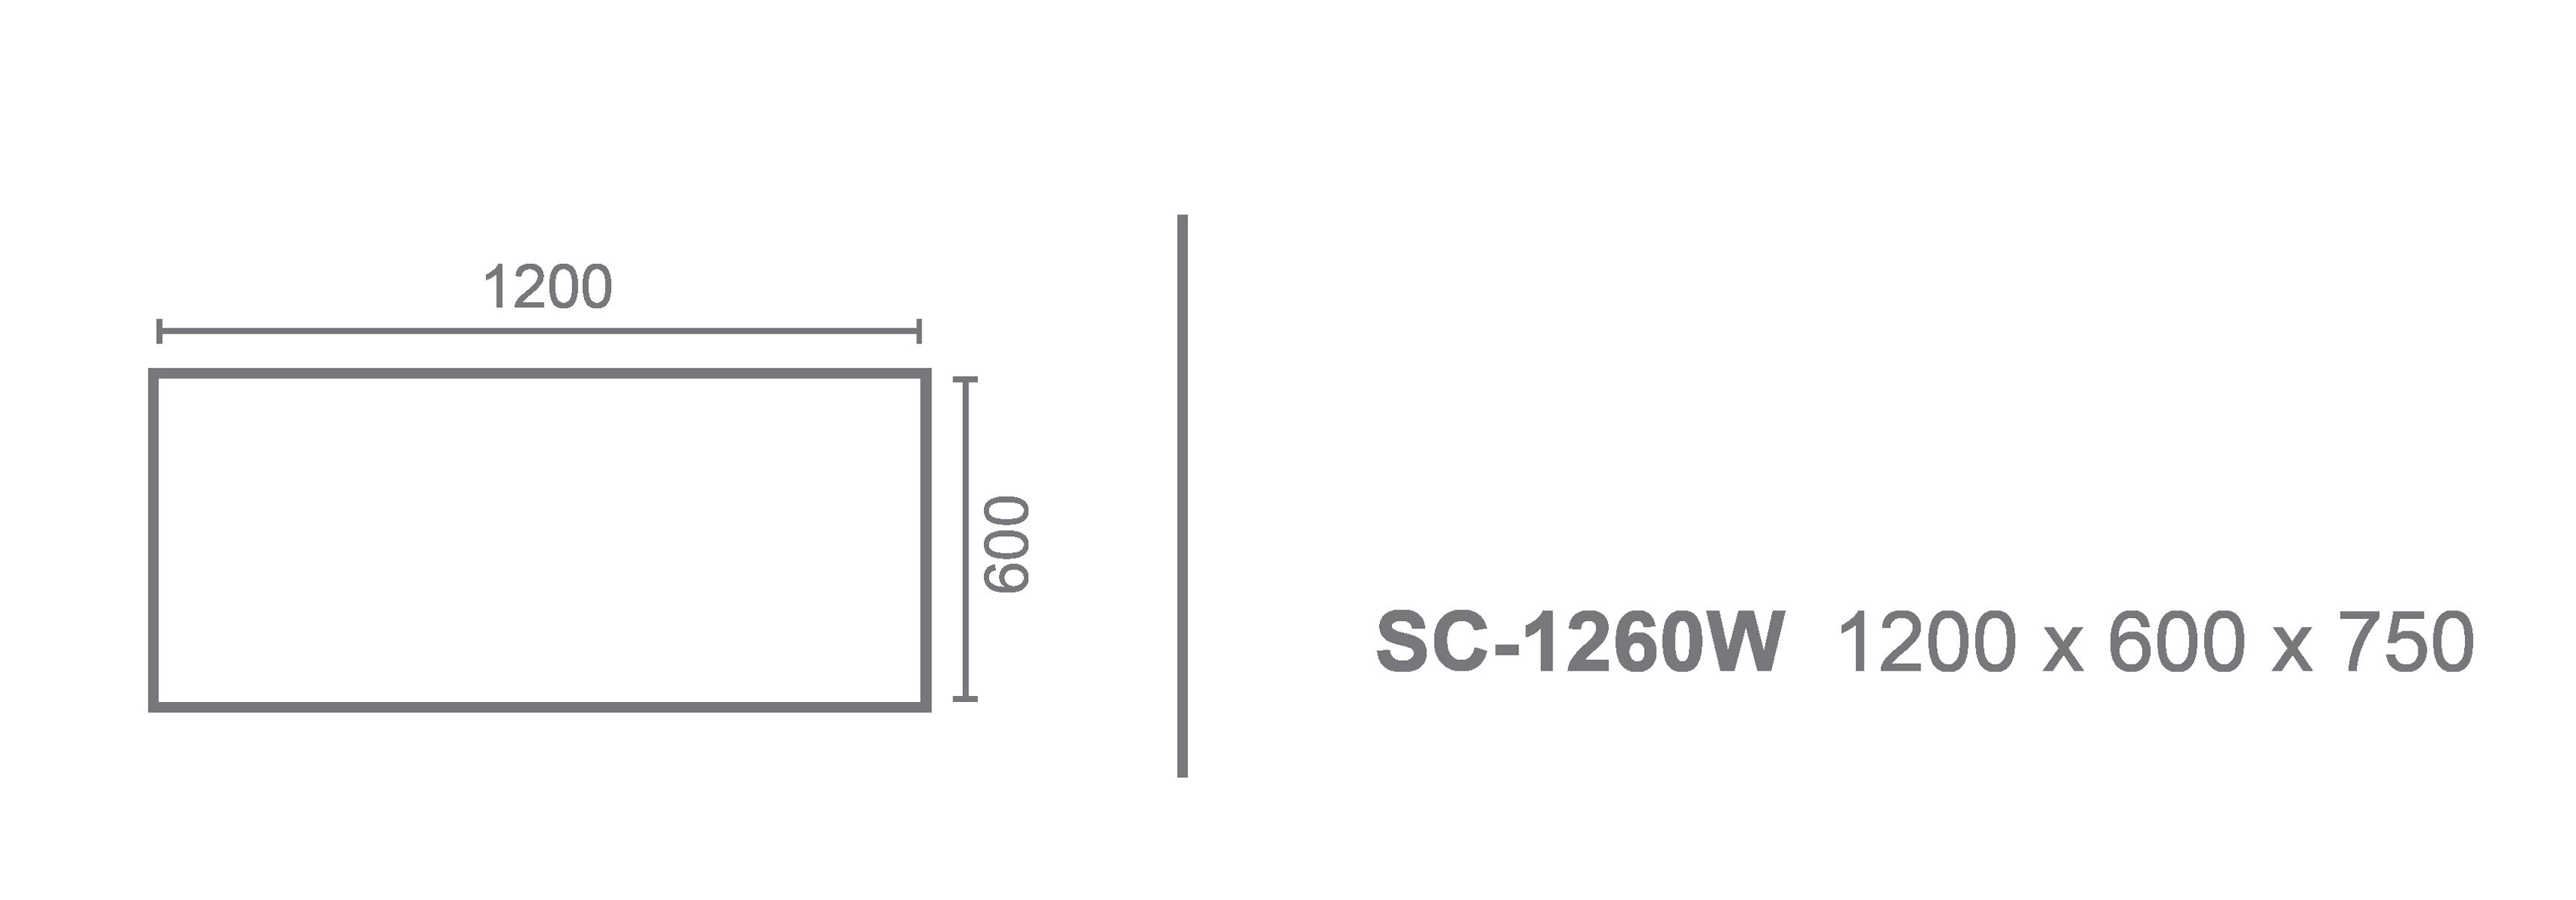 sc1260W